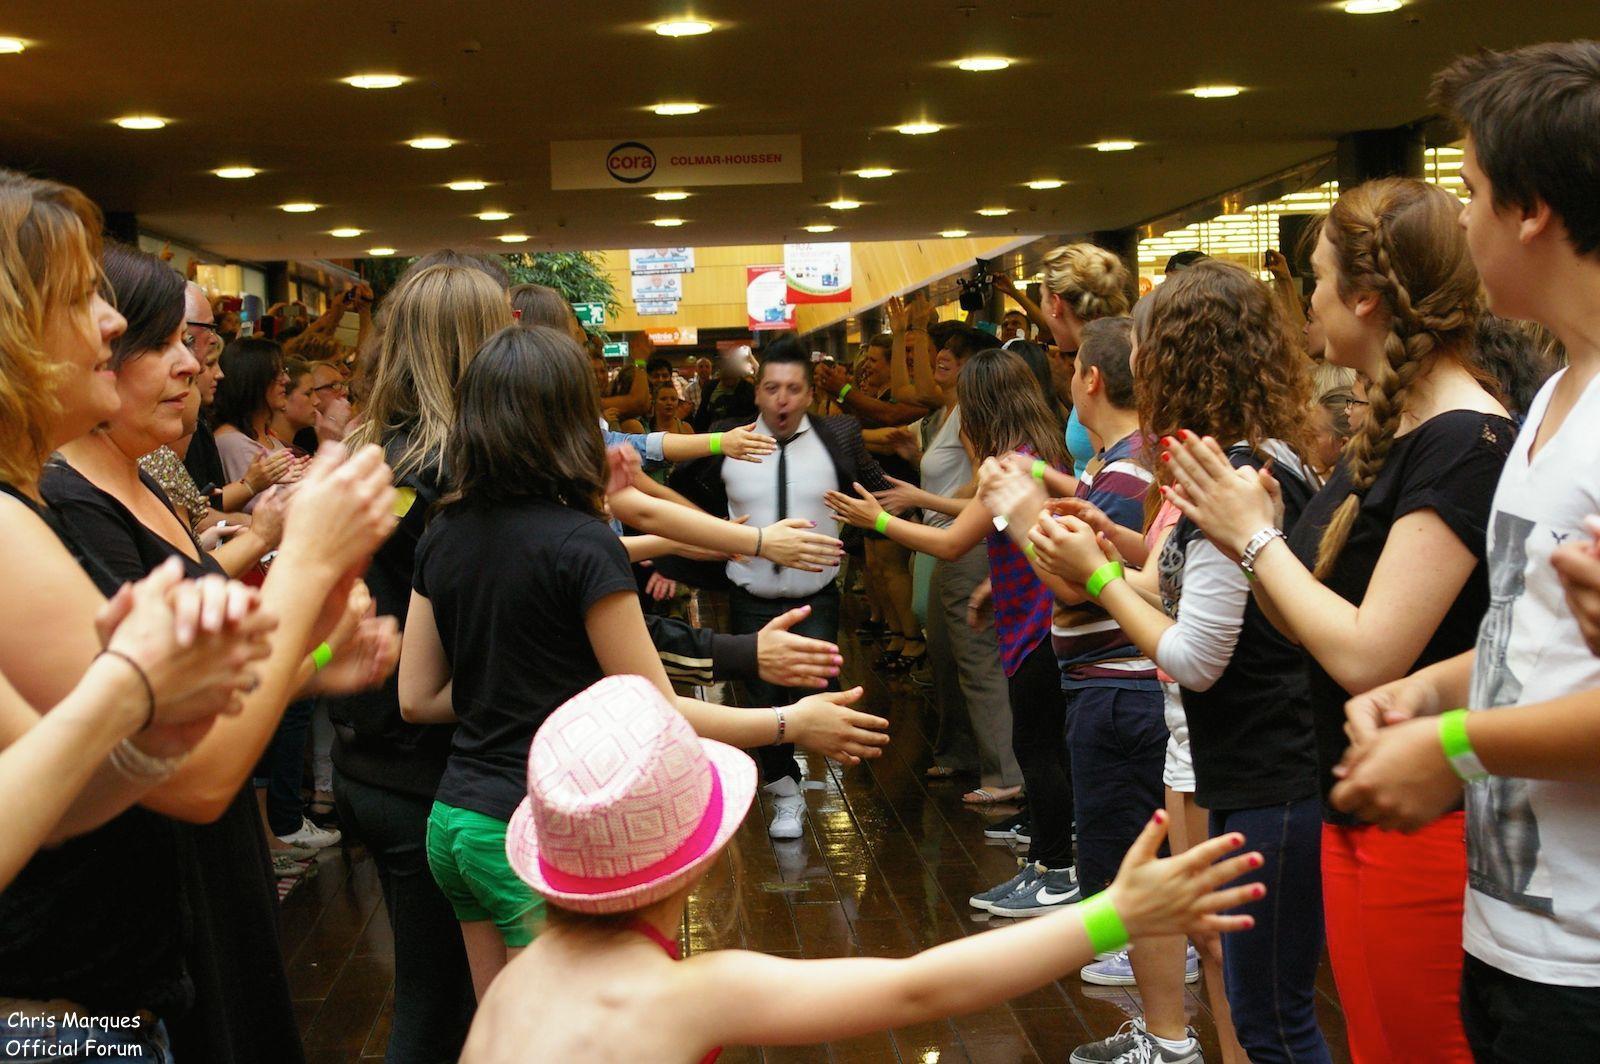 [14.06.2014] Evénement à #Colmar Chris Marques et Jaclyn Spencer pour un Flashmob/Cours de Danse/Dédicaces exceptionnels le tout organisé par la MJC de Colmar 612